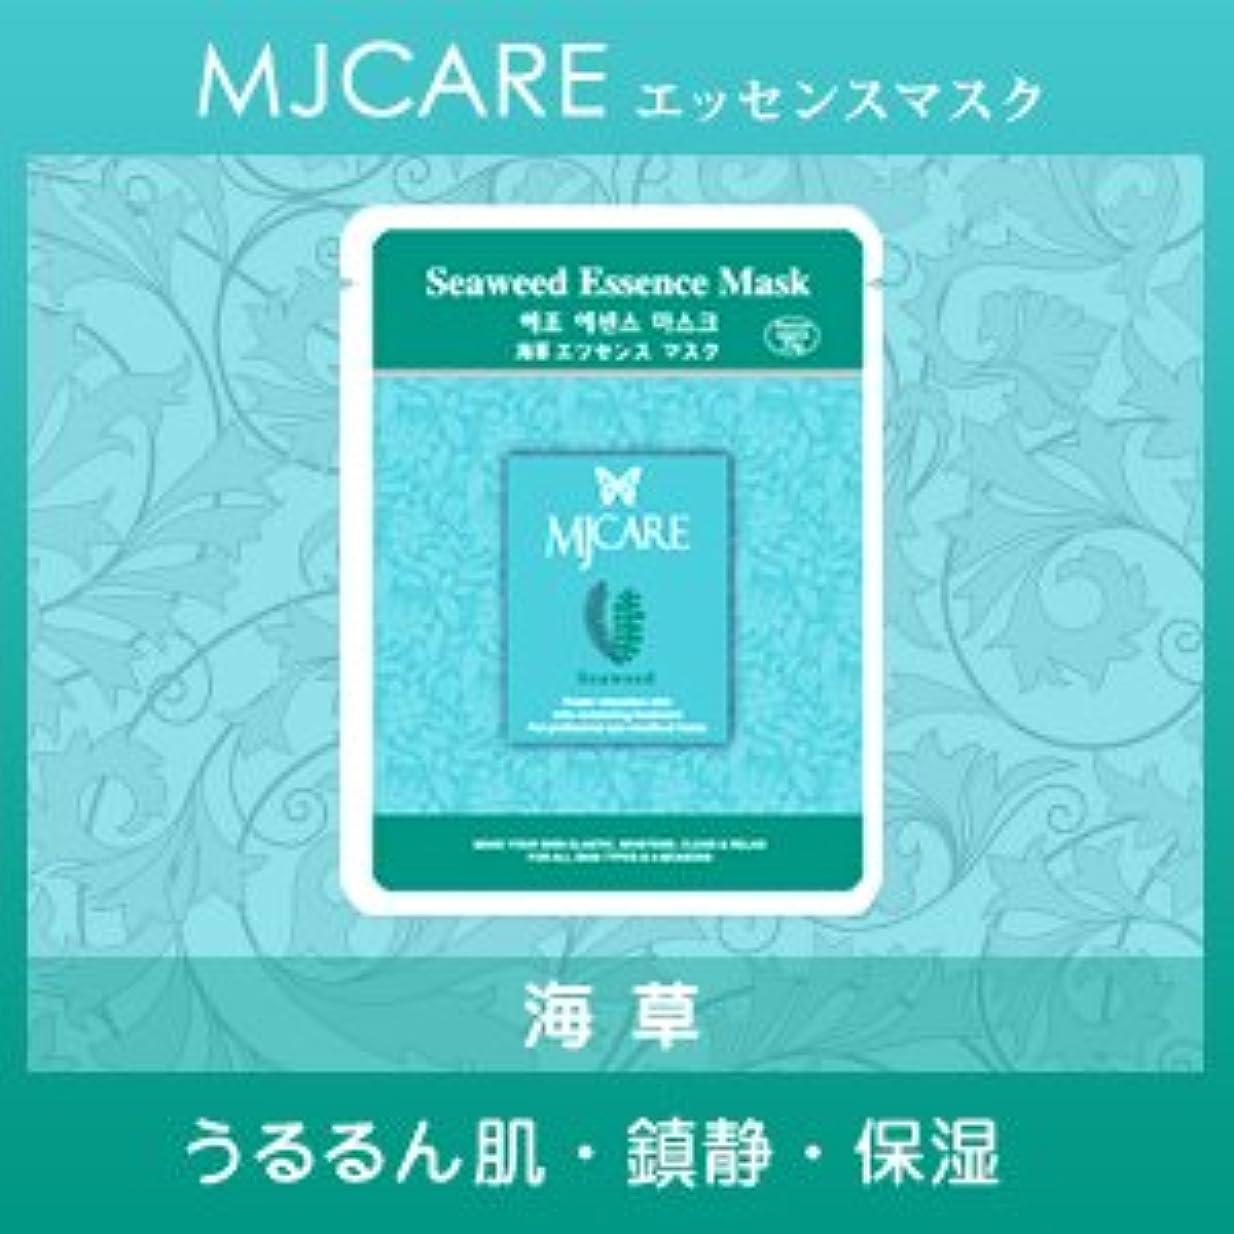 財団複数数MJCARE (エムジェイケア) 海草 エッセンスマスク